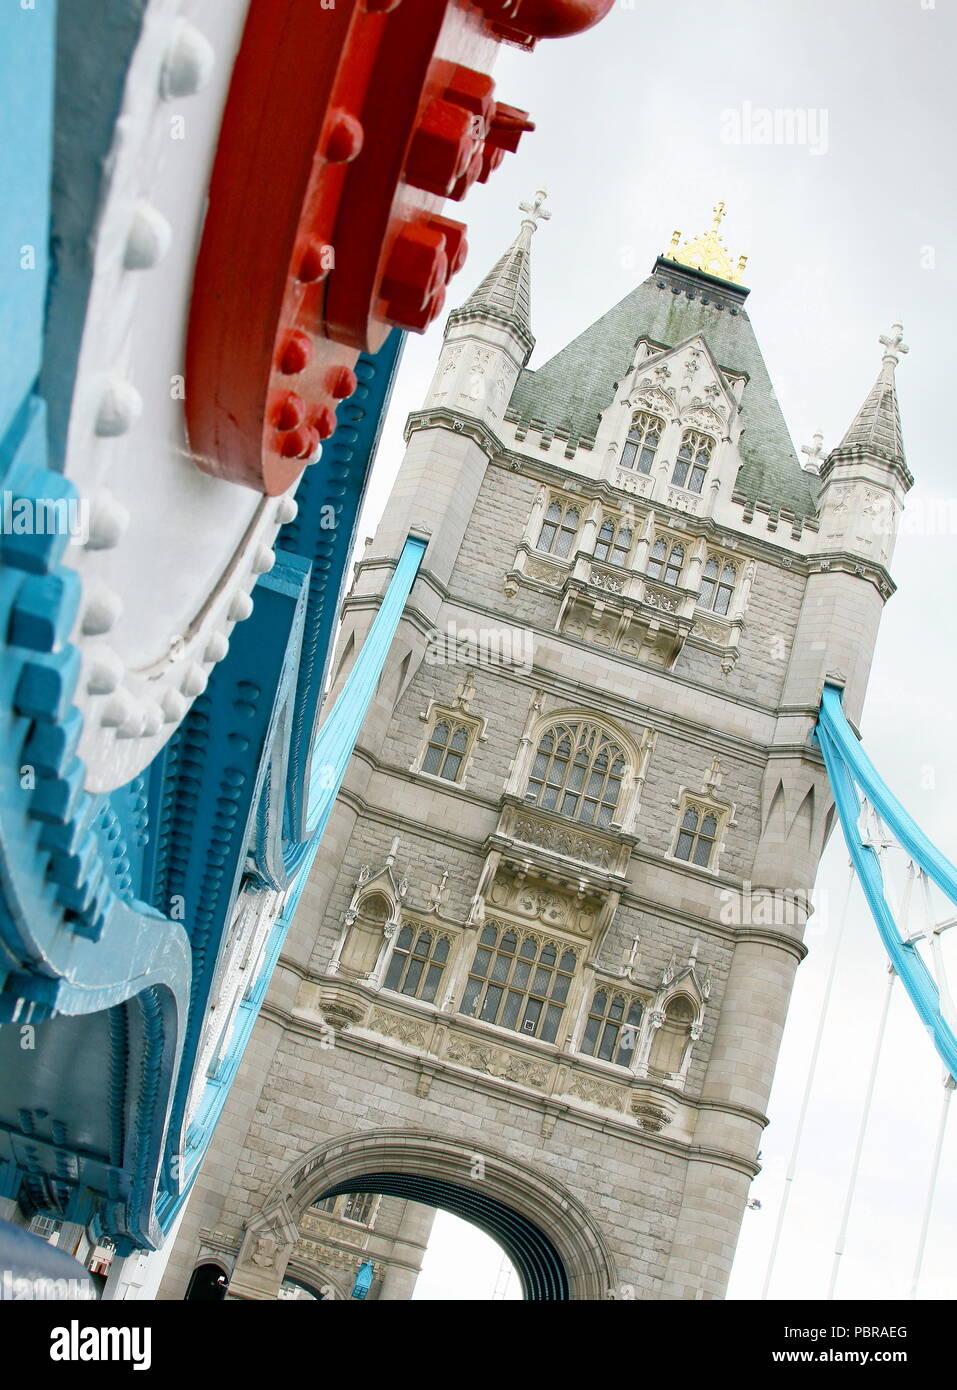 Tower Bridge London. Reisen. Stadt Brake. Stadt bremsen. Sehenswürdigkeiten von London. Historischen Gebäuden. Hauptstädte. Stockbild